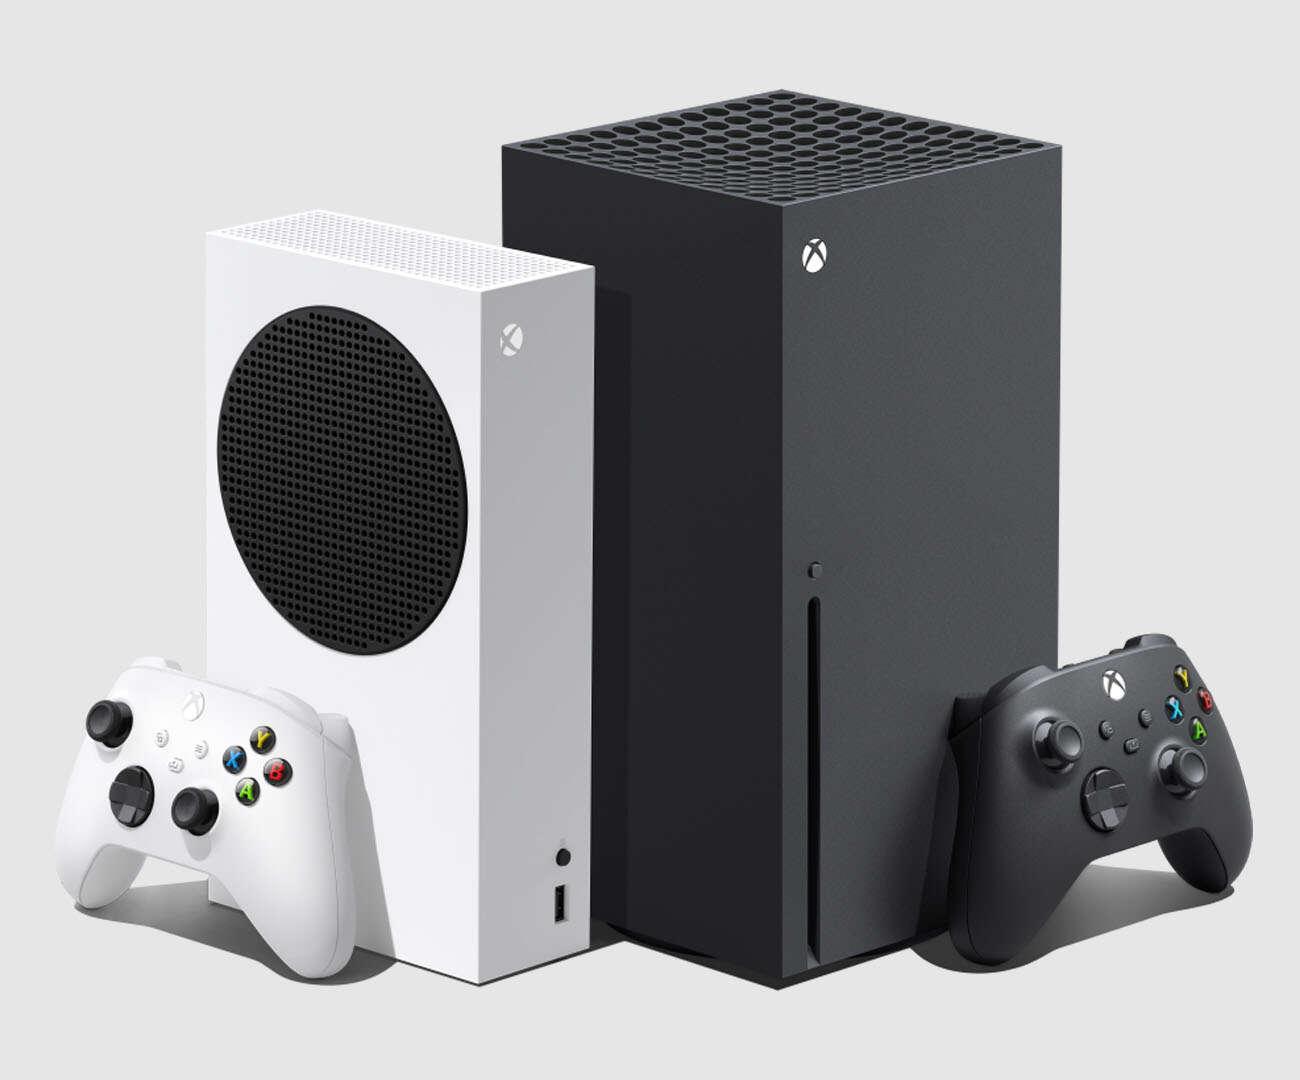 Twórcy Darksiders nie są pewni sensu istnienia Xbox Series S